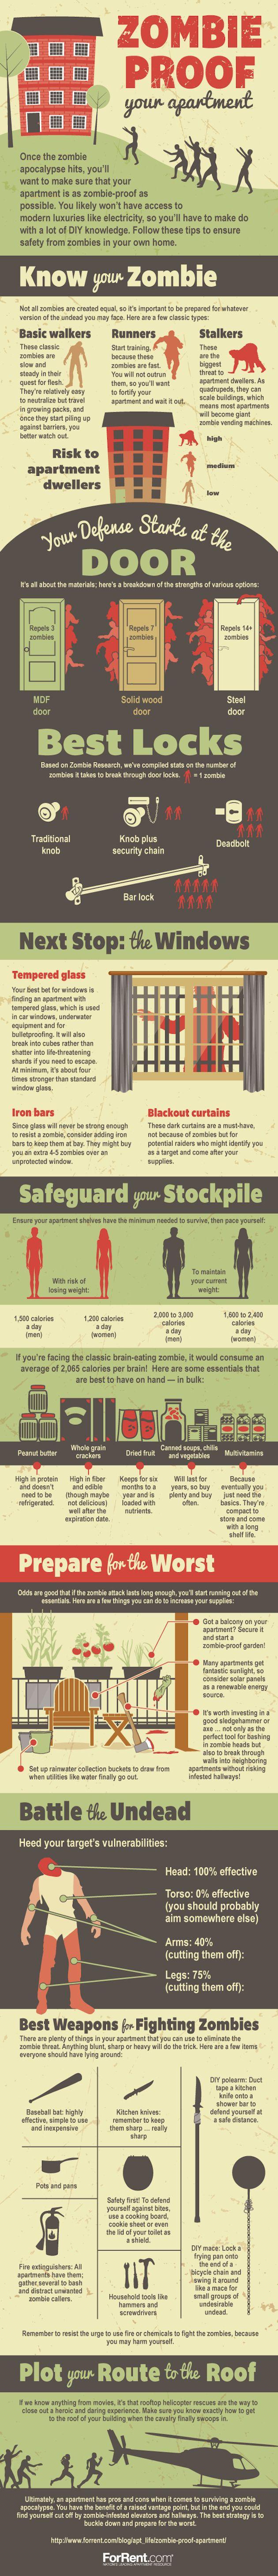 Infografik: So macht man seine Wohnung zombiesicher | KlonBlog